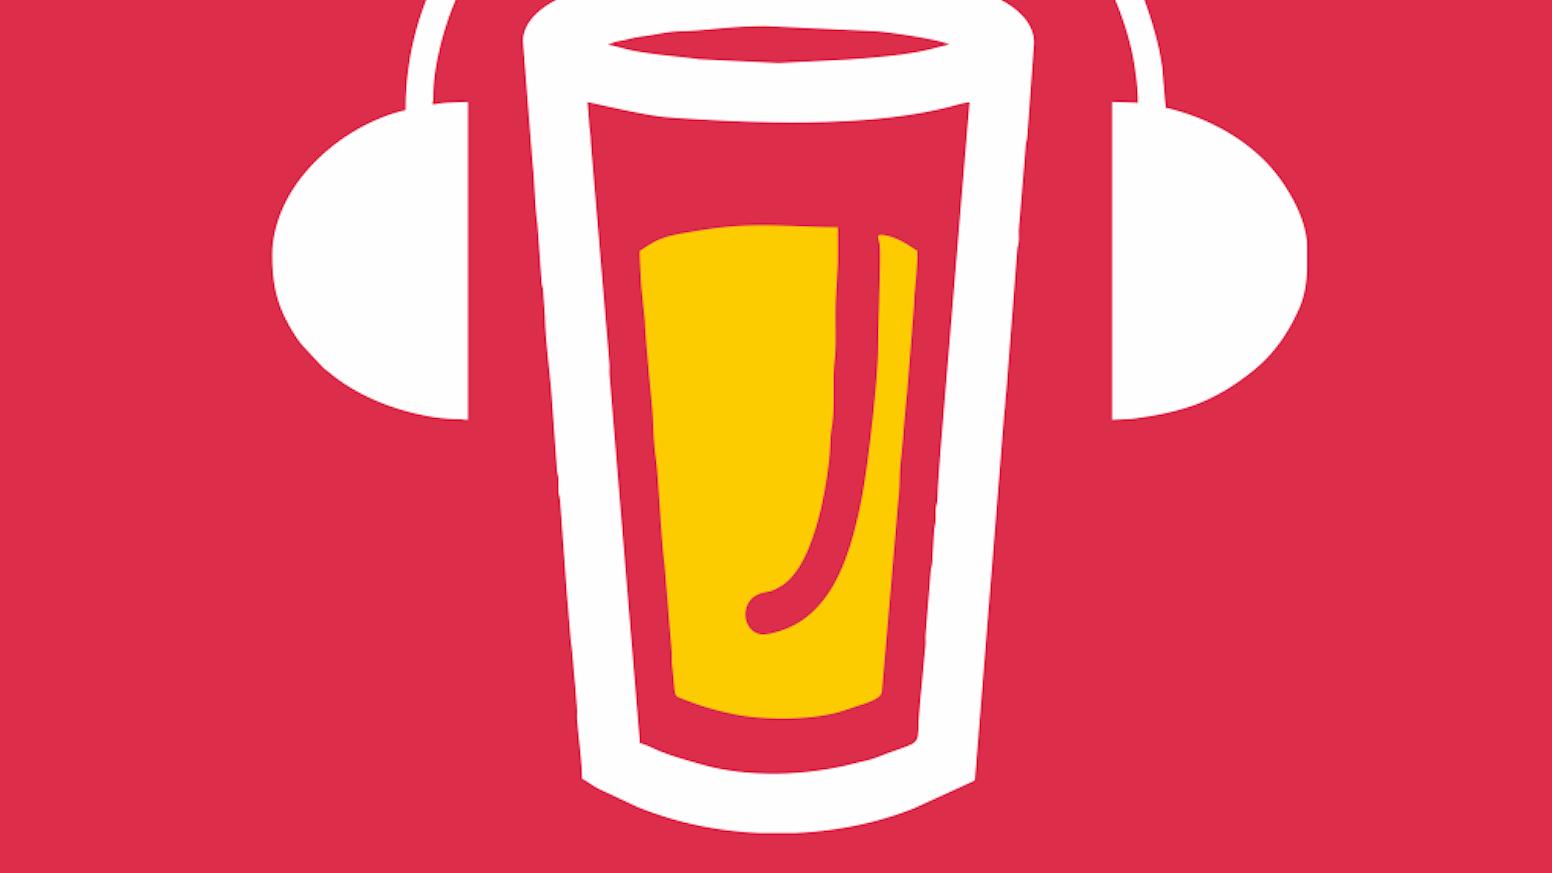 9 años grabando por el gusto de mezclar micrófono y alcohol. Hoy somos emprendedores -Juum.fm- y no tenemos ni para el hosting. Help!